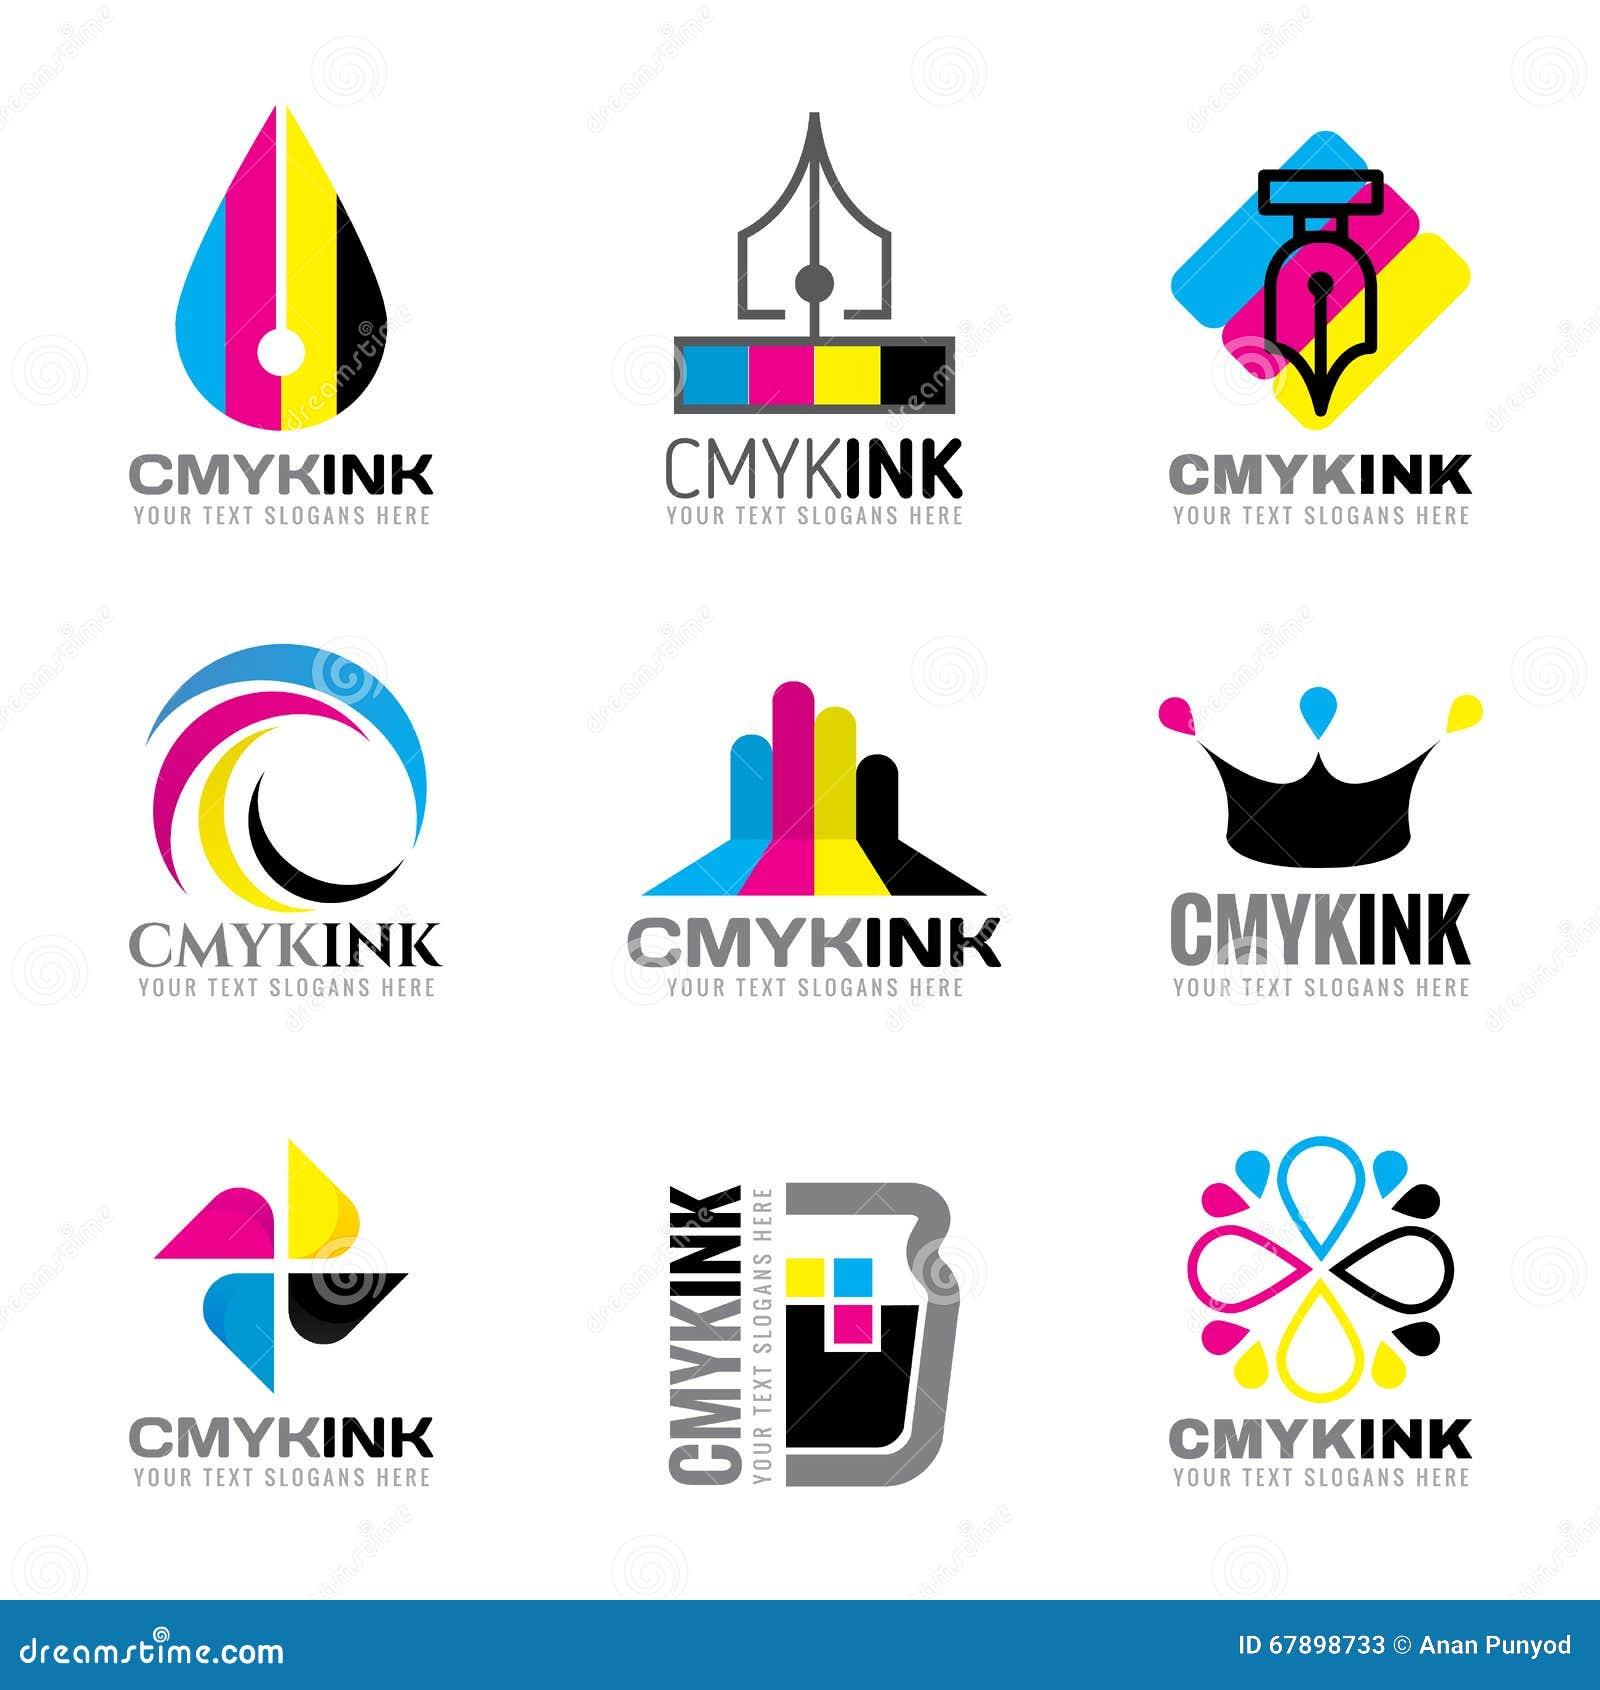 CMYK墨水商标传染媒介布景深蓝和洋红色和黄色和关键(黑)颜色